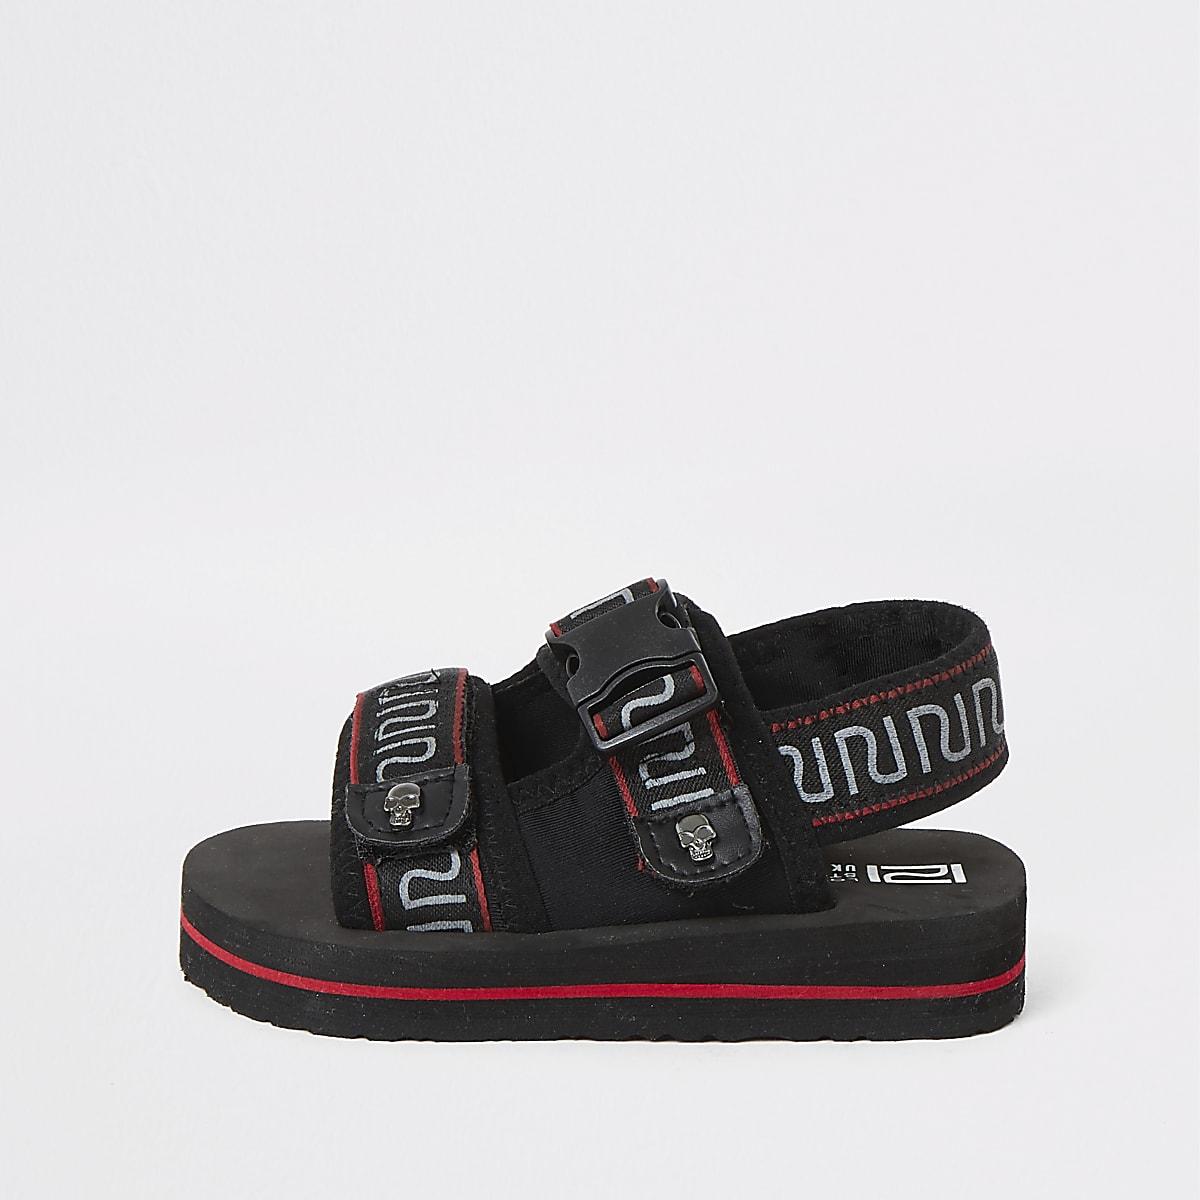 Mini - Zwarte sandalen met klittenband, RI-logo en bies voor jongens